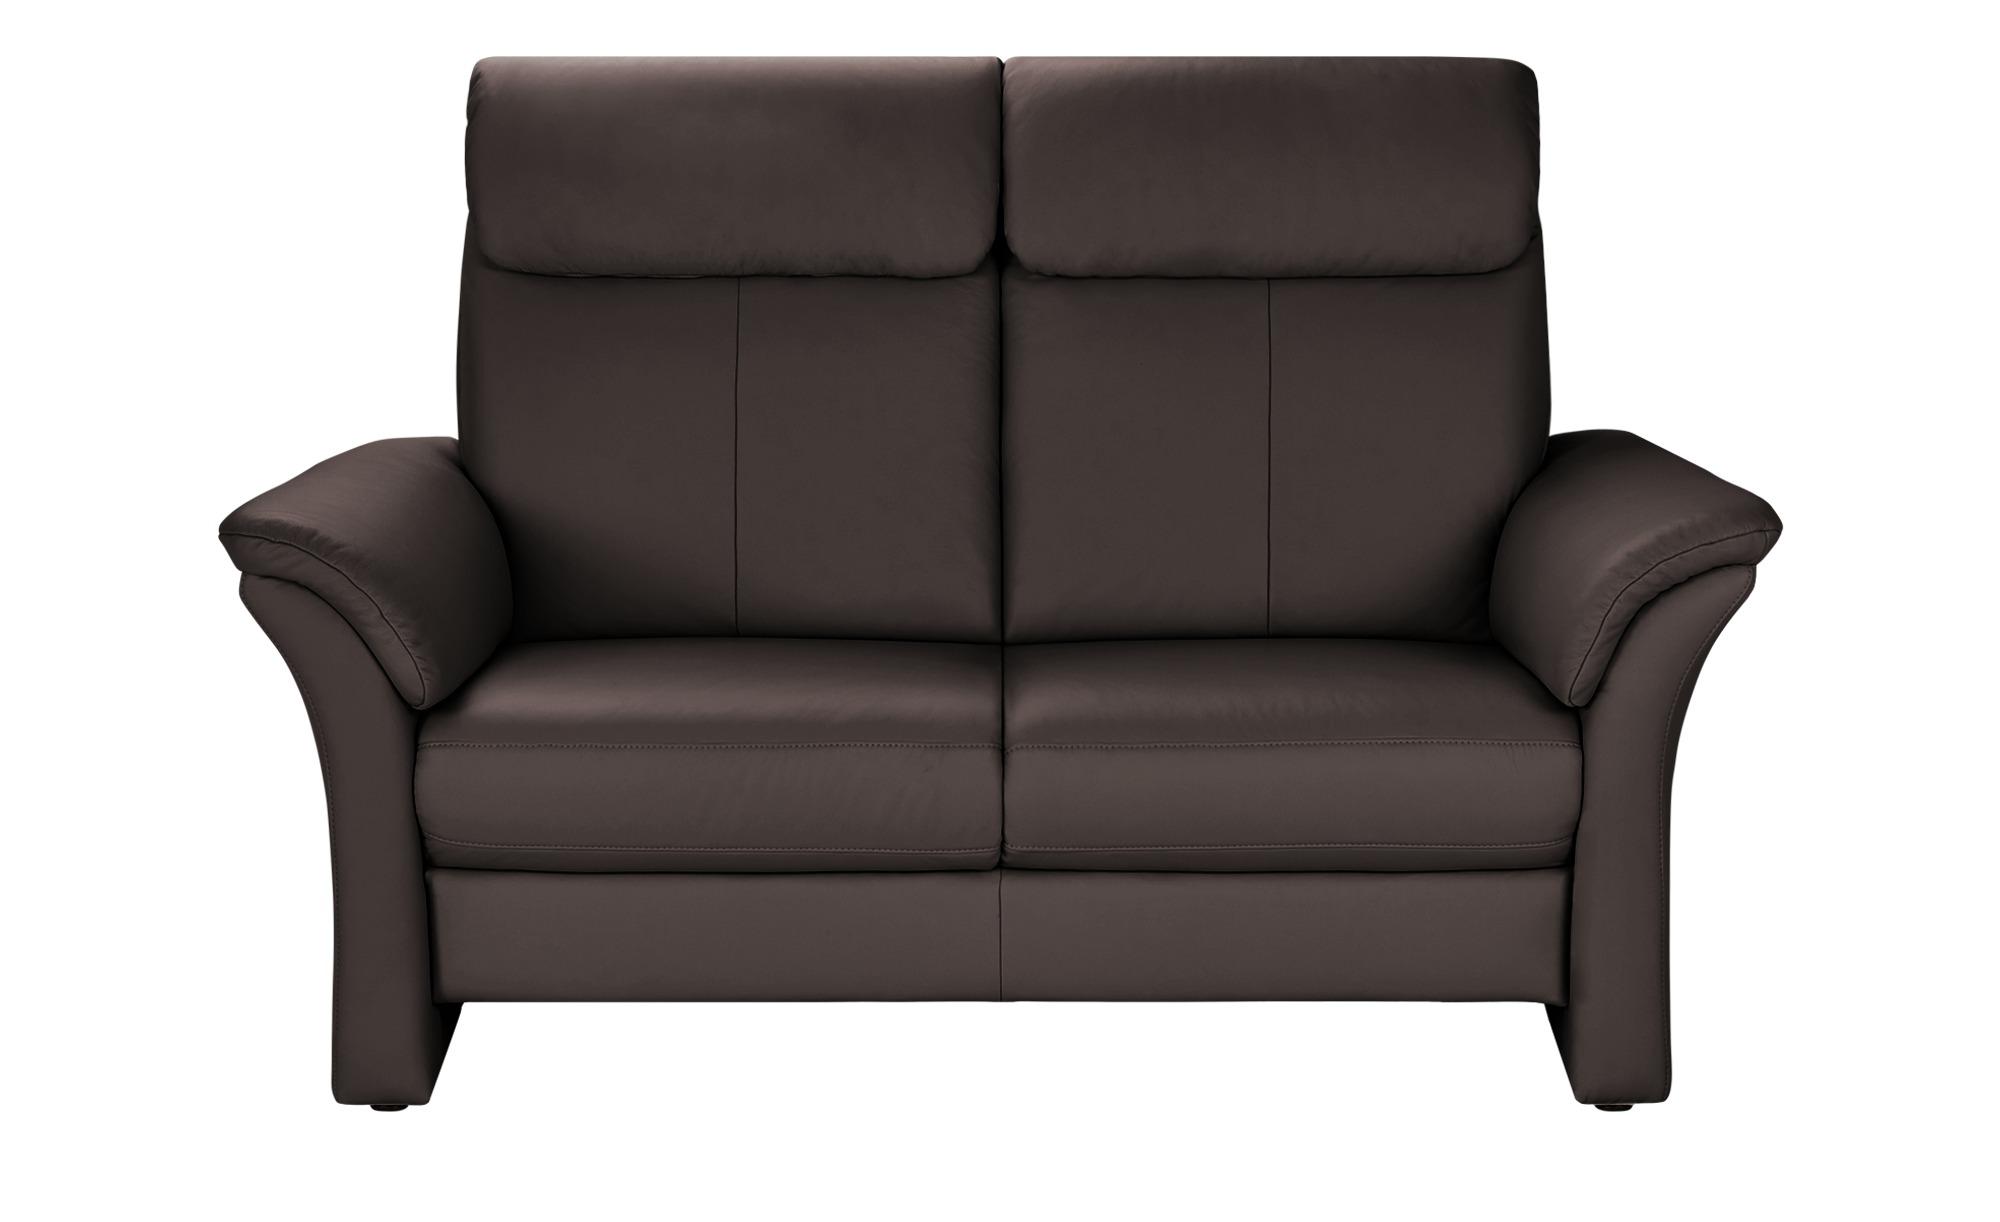 Wohnwert Sofa 2-Sitzer  Lena ¦ braun ¦ Maße (cm): B: 168 H: 107 T: 97 Polstermöbel > Sofas > 2-Sitzer - Höffner